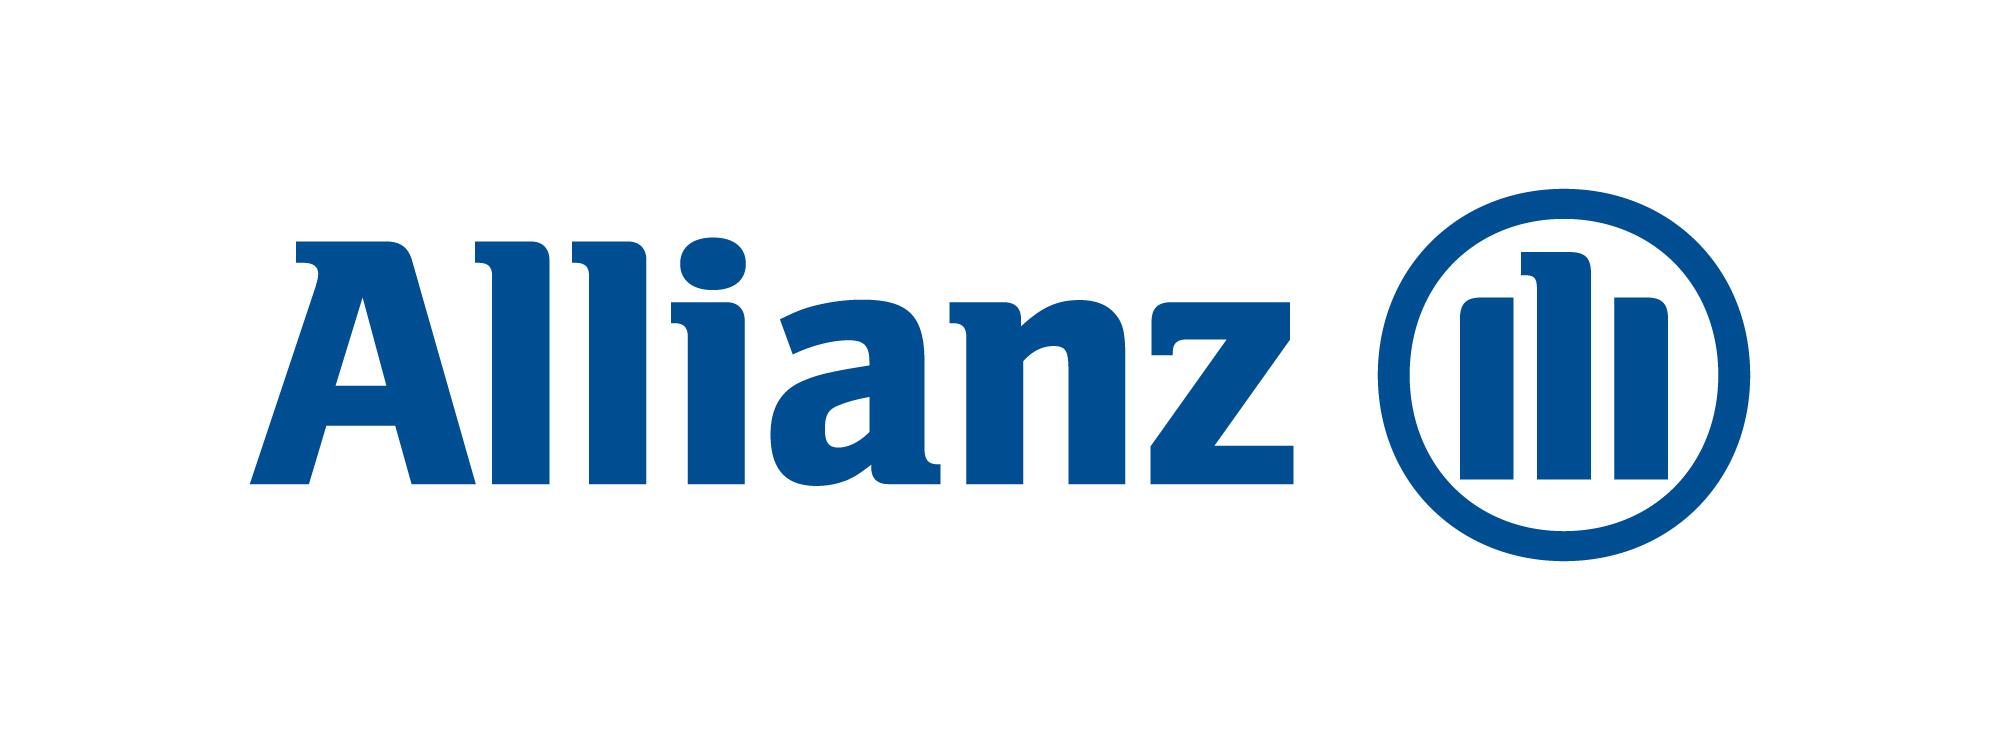 Allianz Suisse Generalagentur Fred Schneider